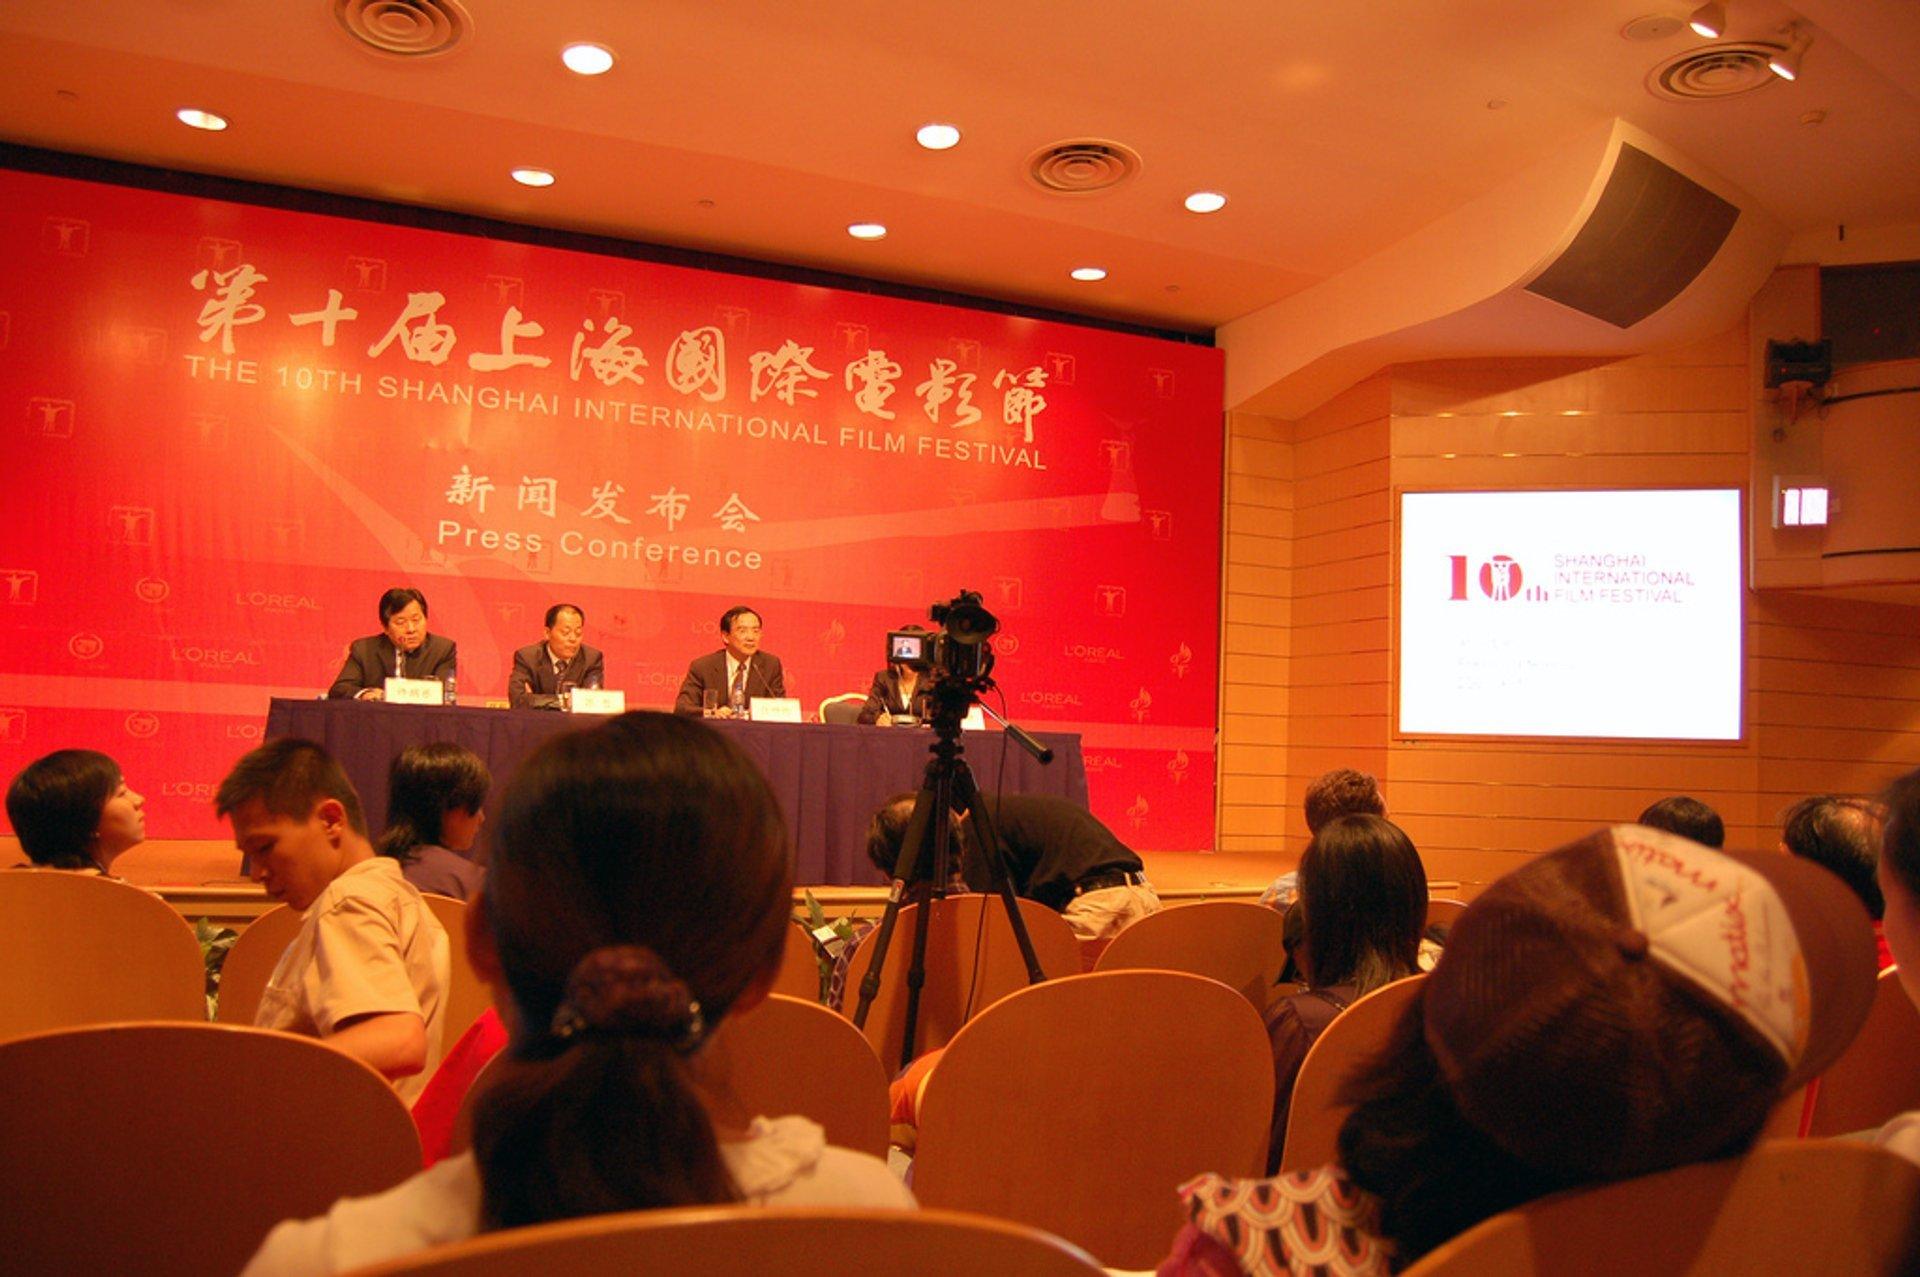 Shanghai International Film Festival in Shanghai 2019 - Best Time